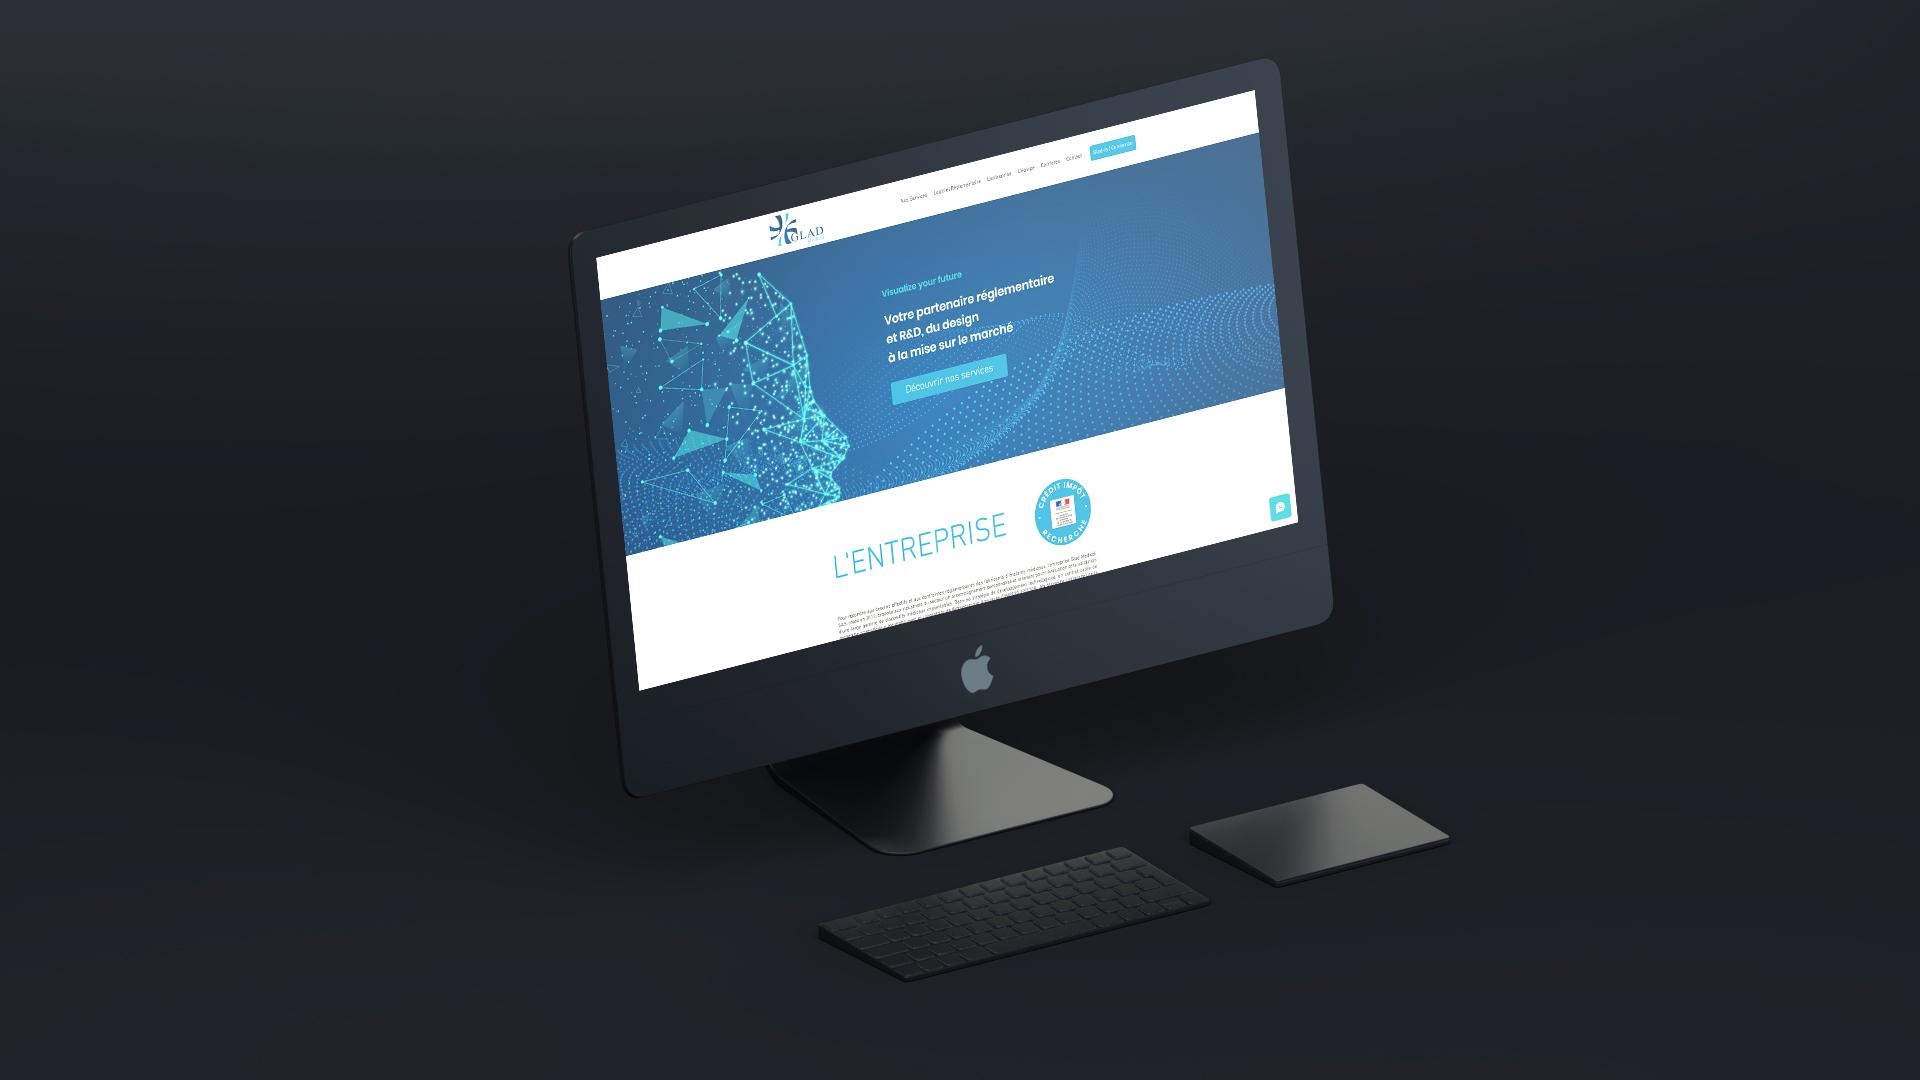 iMac noir allumé avec la page internet ouverte sur le site Glad Medical